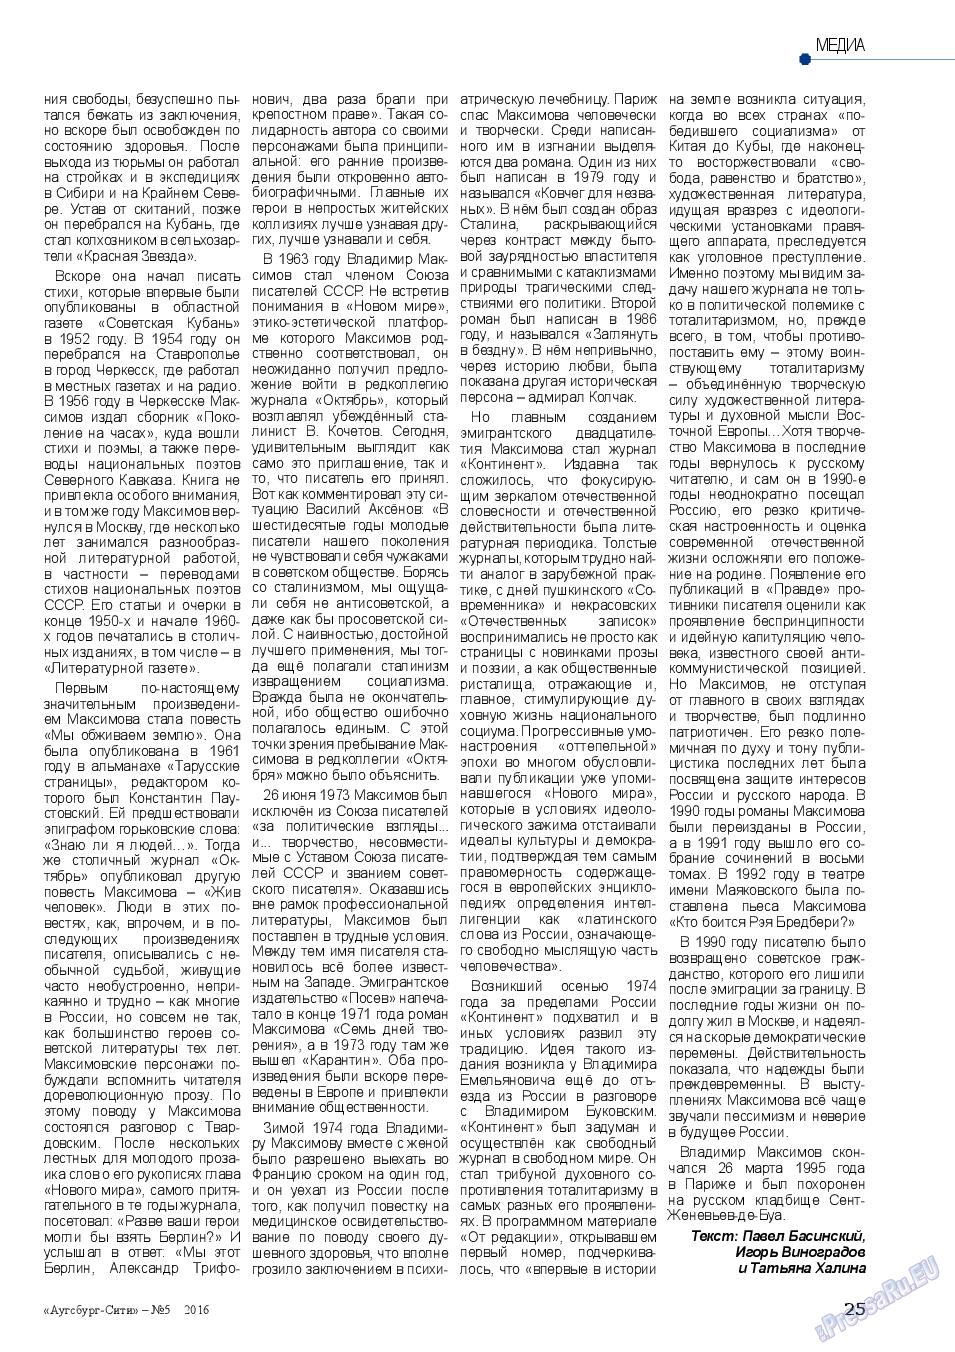 Аугсбург-сити (журнал). 2016 год, номер 5, стр. 25